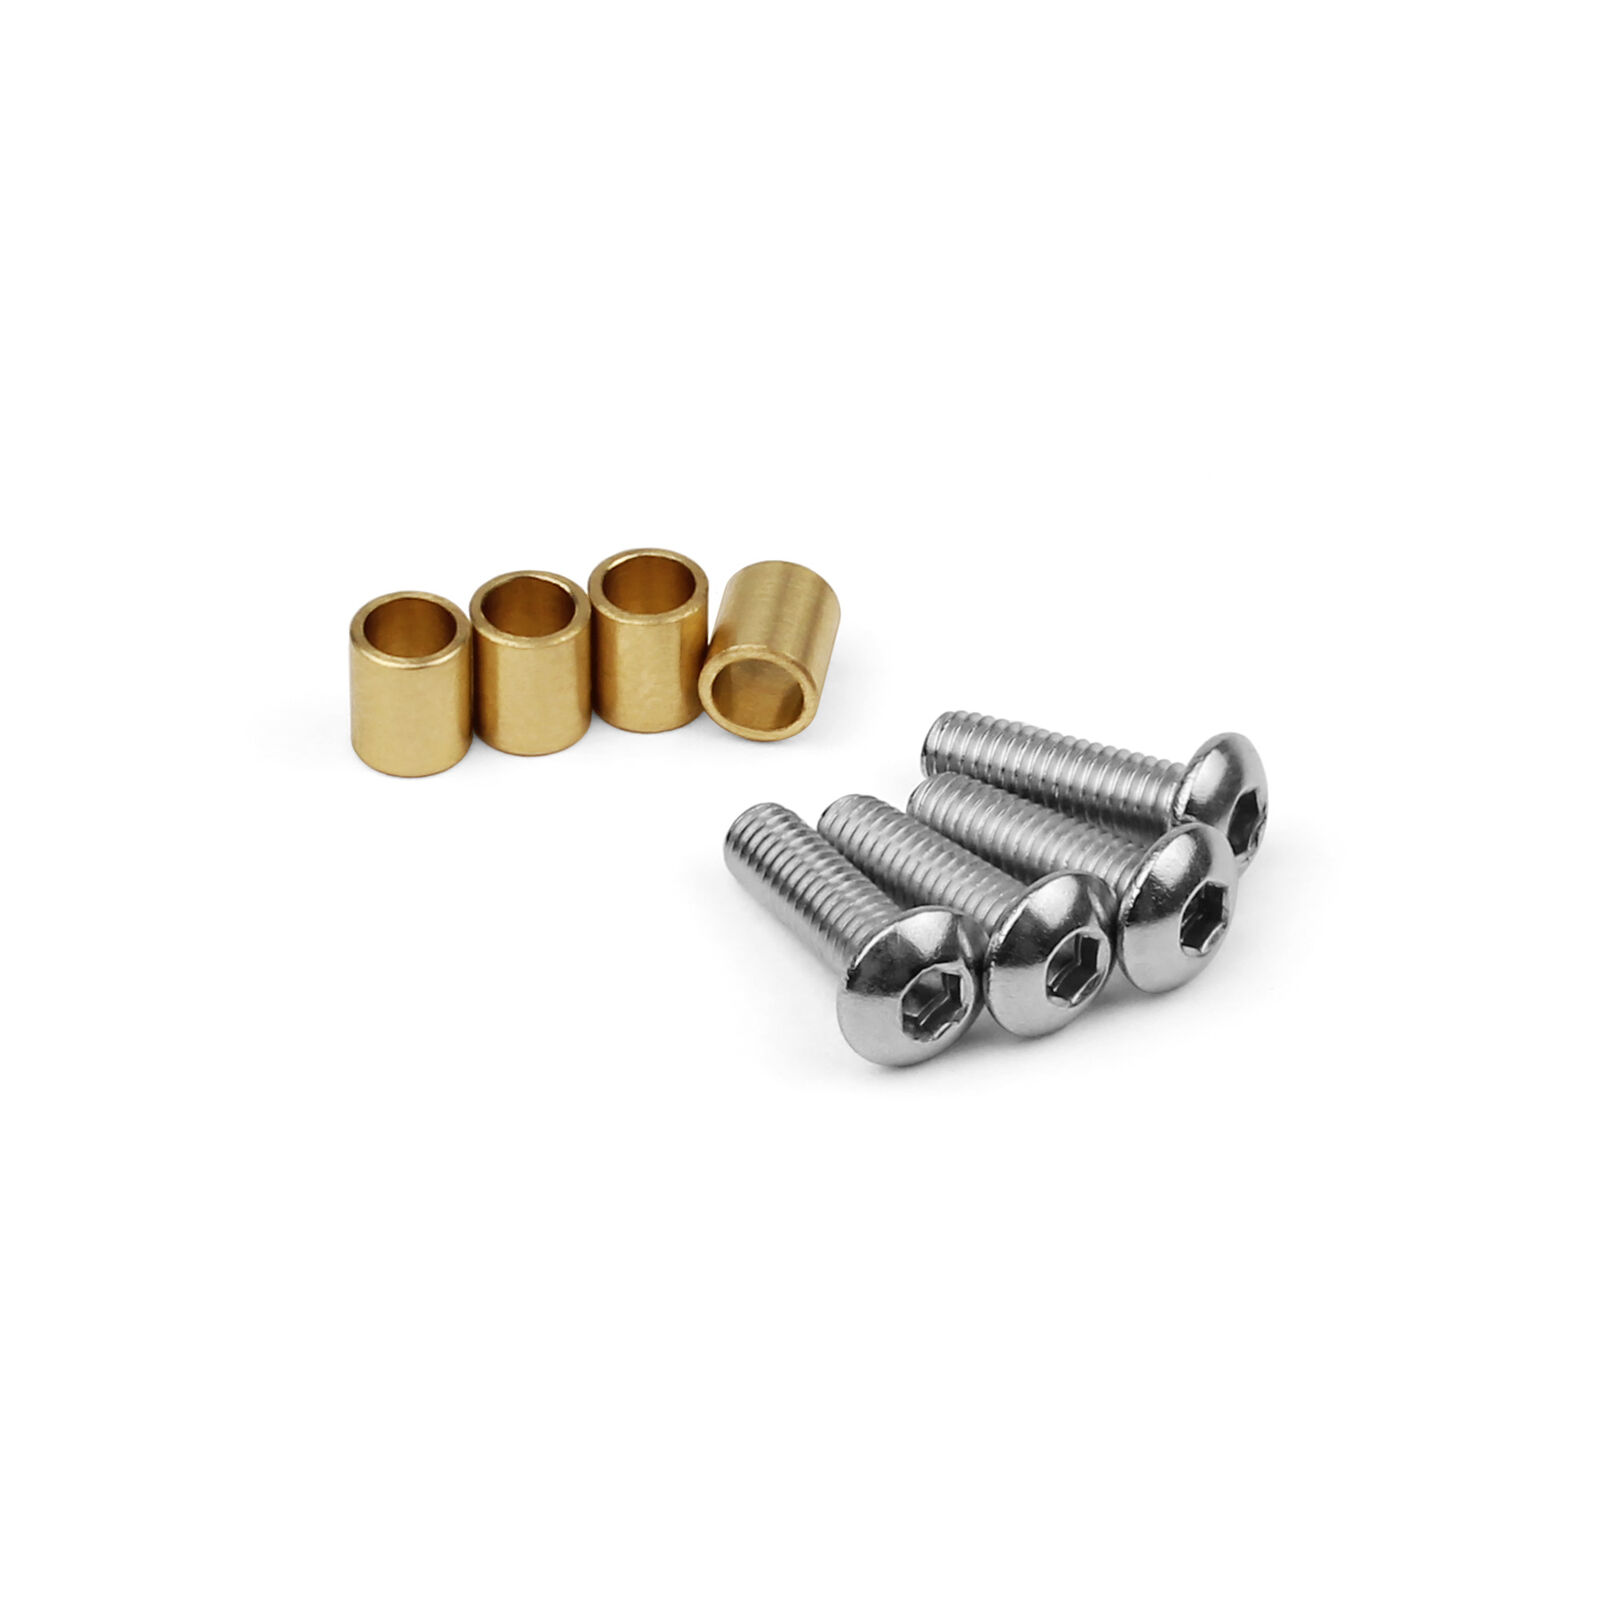 Knuckle Bushings (4): SCX10-II